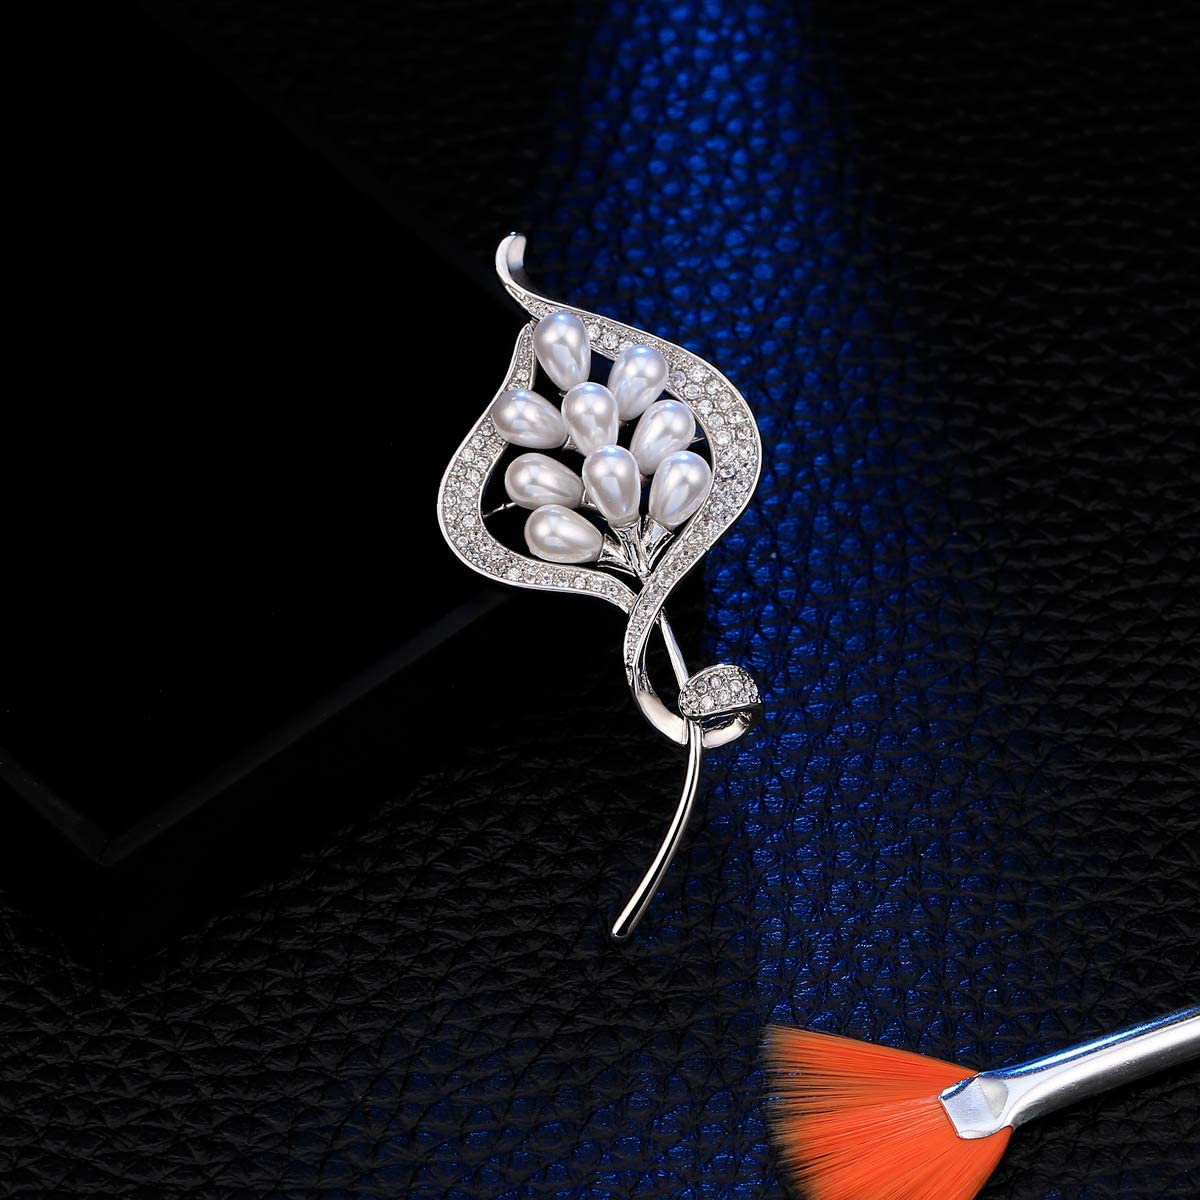 Broches pour les femmes,broches pour les mari/ées Broche en cristal vintage Bouquet filles perle broche pour mariage f/ête